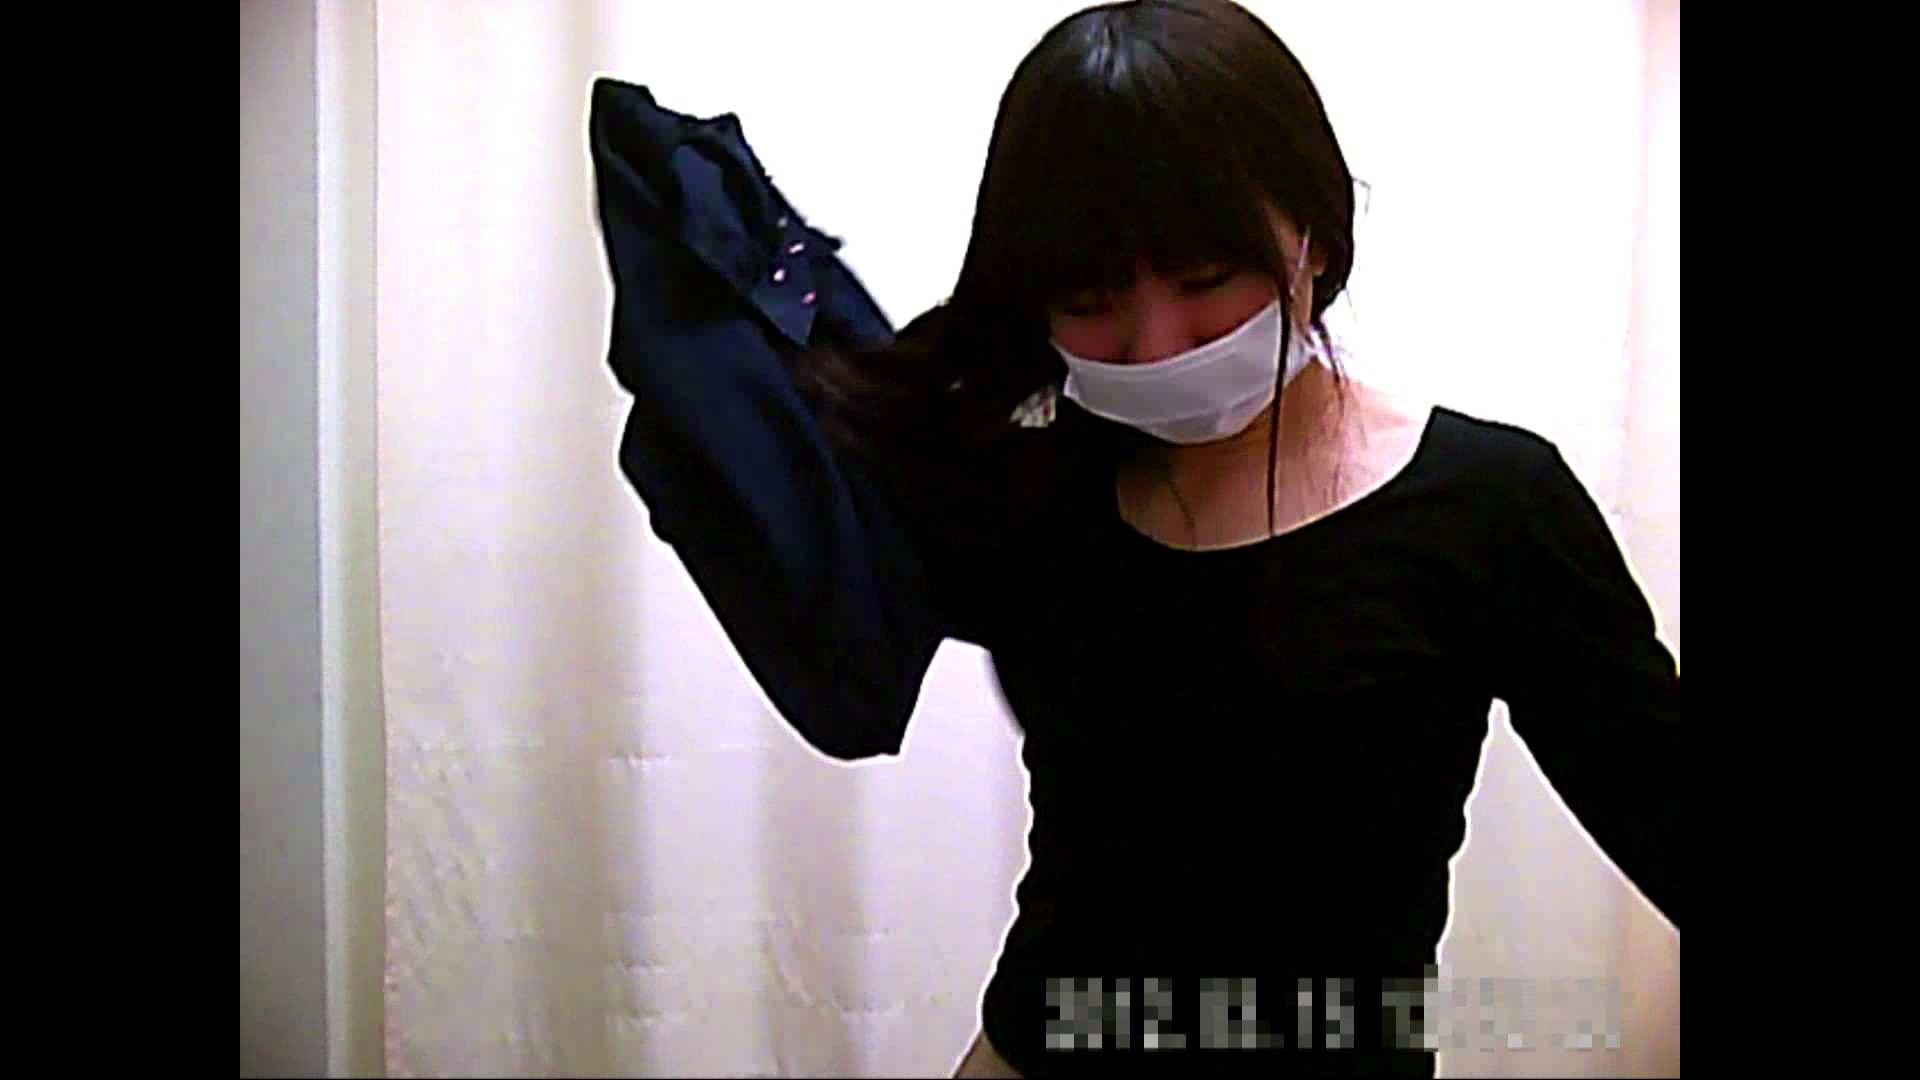 無修正エロ動画|元医者による反抗 更衣室地獄絵巻 vol.027|怪盗ジョーカー